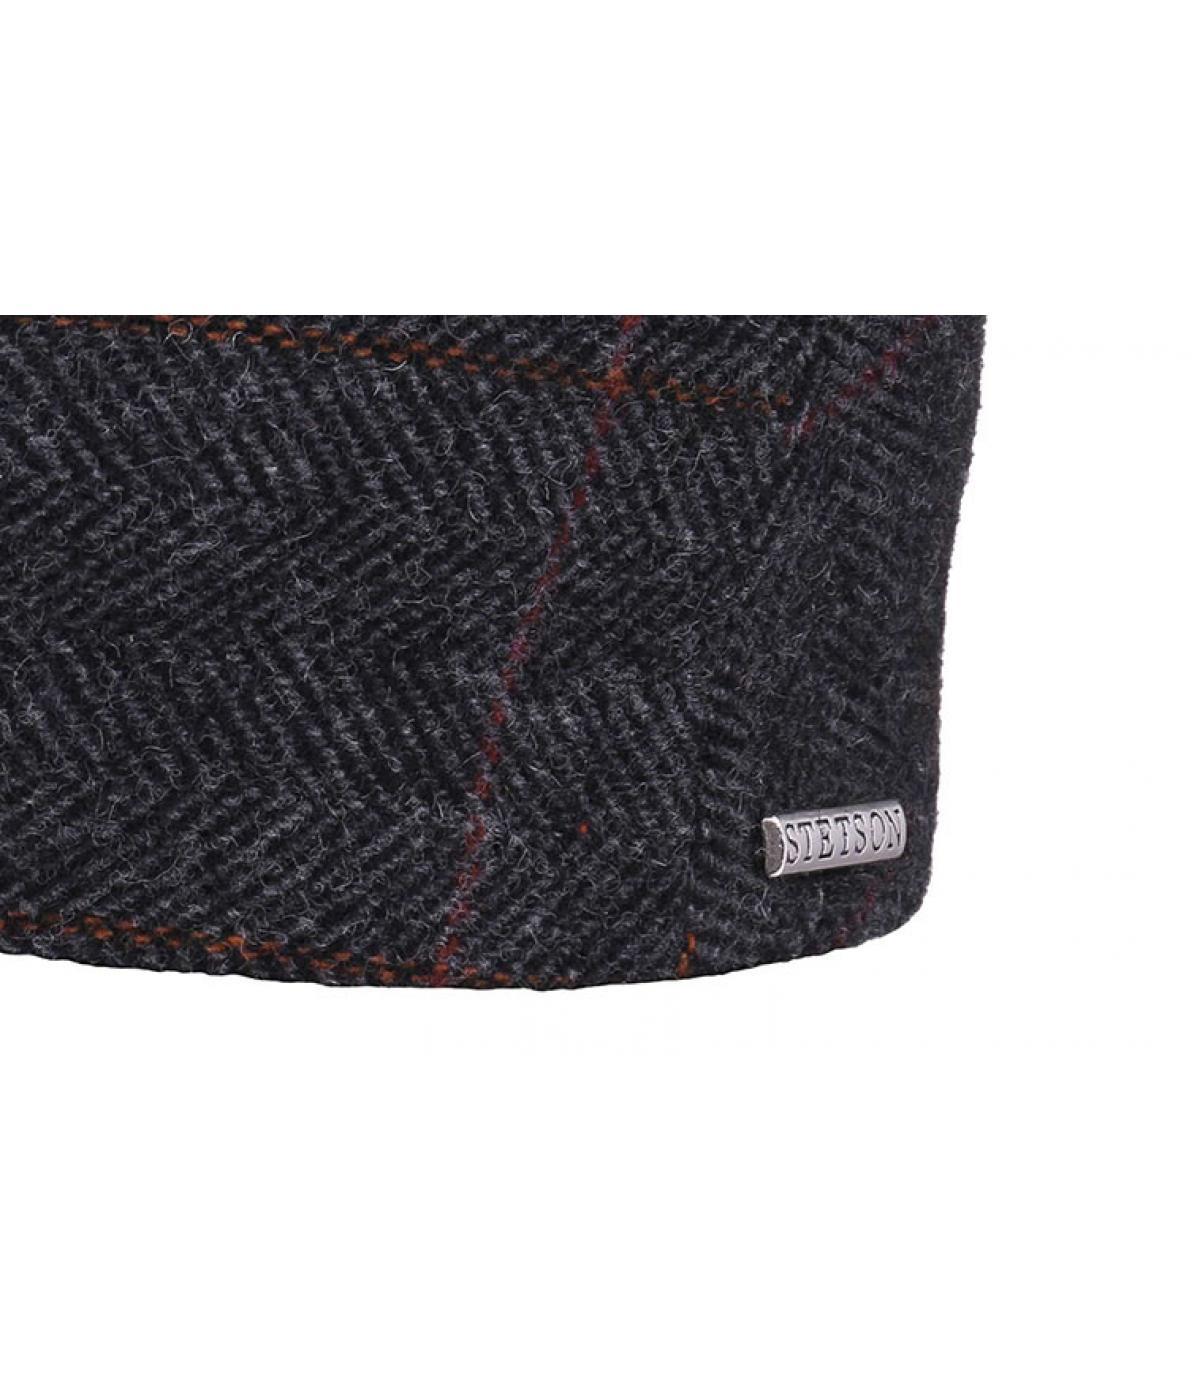 Details Kent wool Earflap grey - afbeeling 3